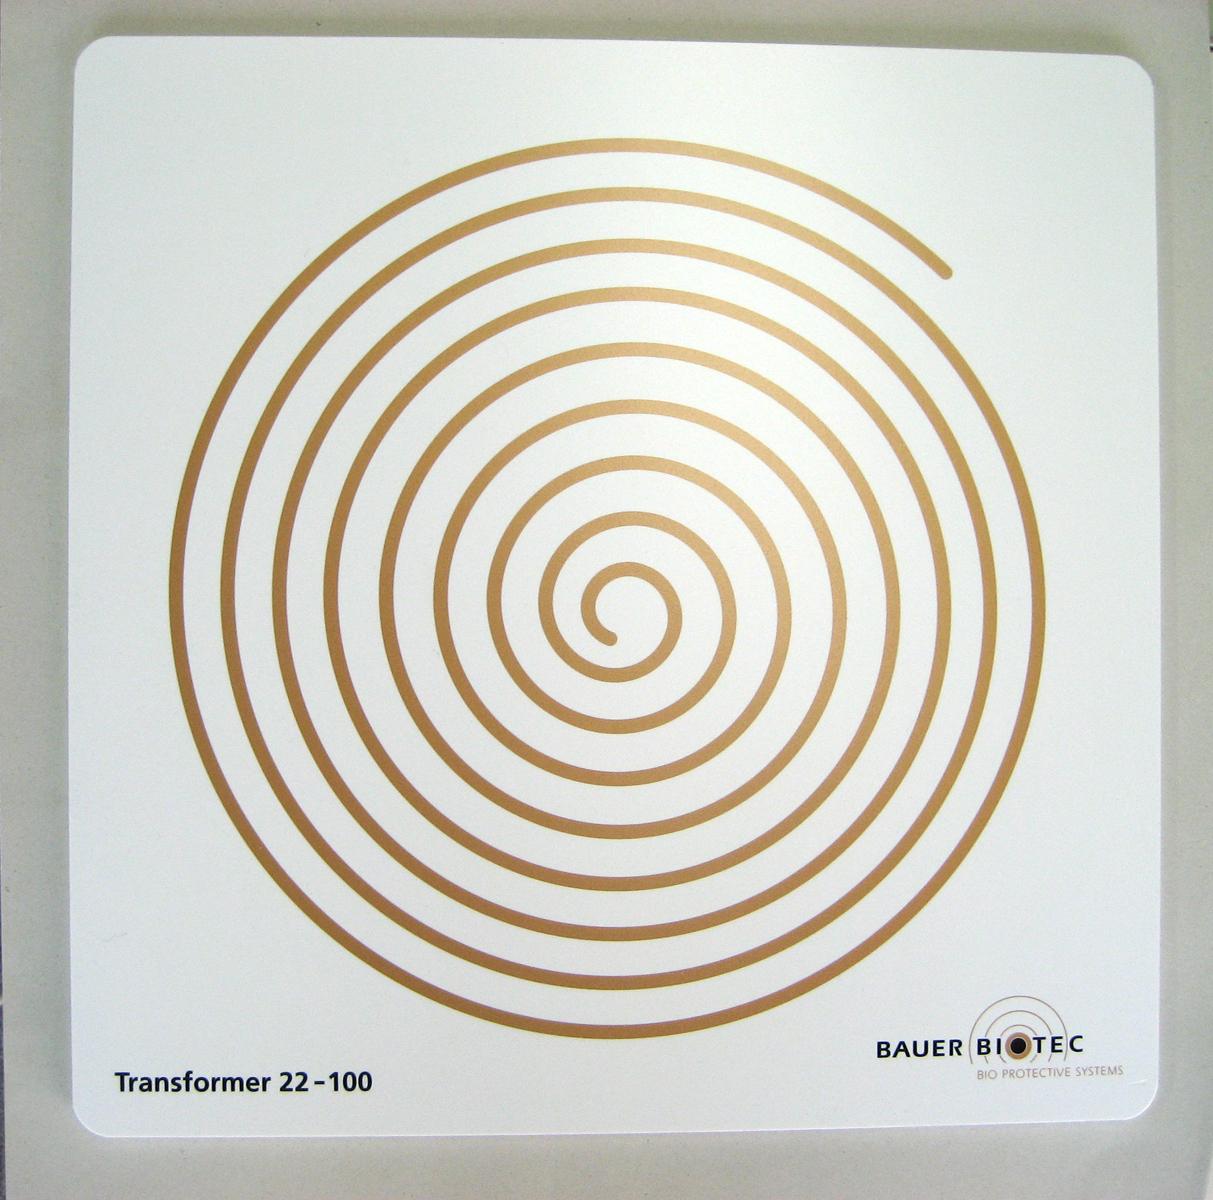 無線ネットワークの電磁波から理想的な環境!「T22-100」